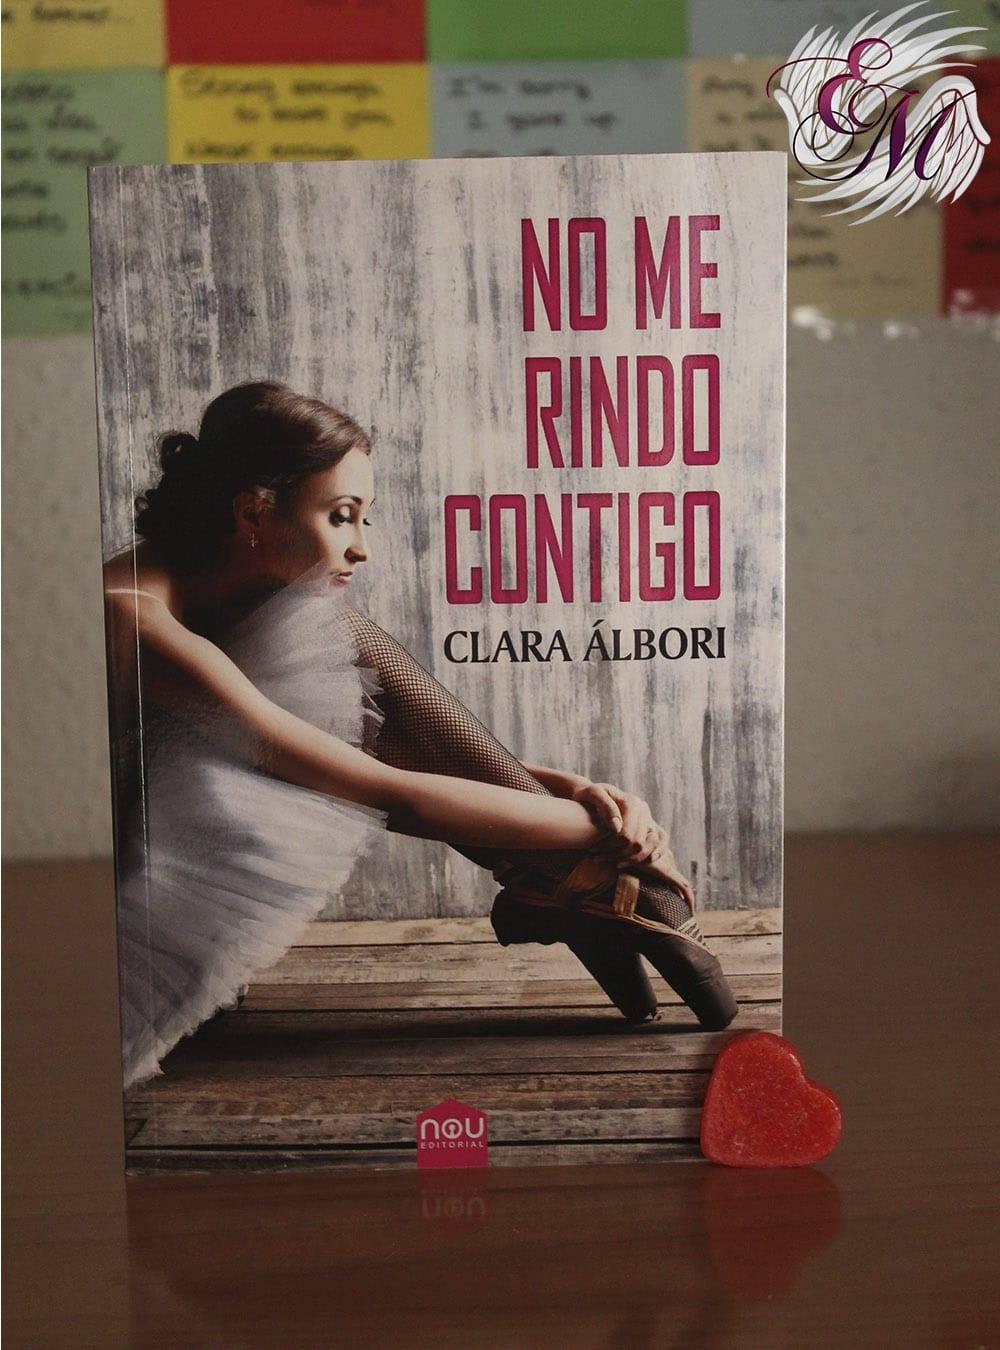 No me rindo contigo, de Clara Álbori - Reseña